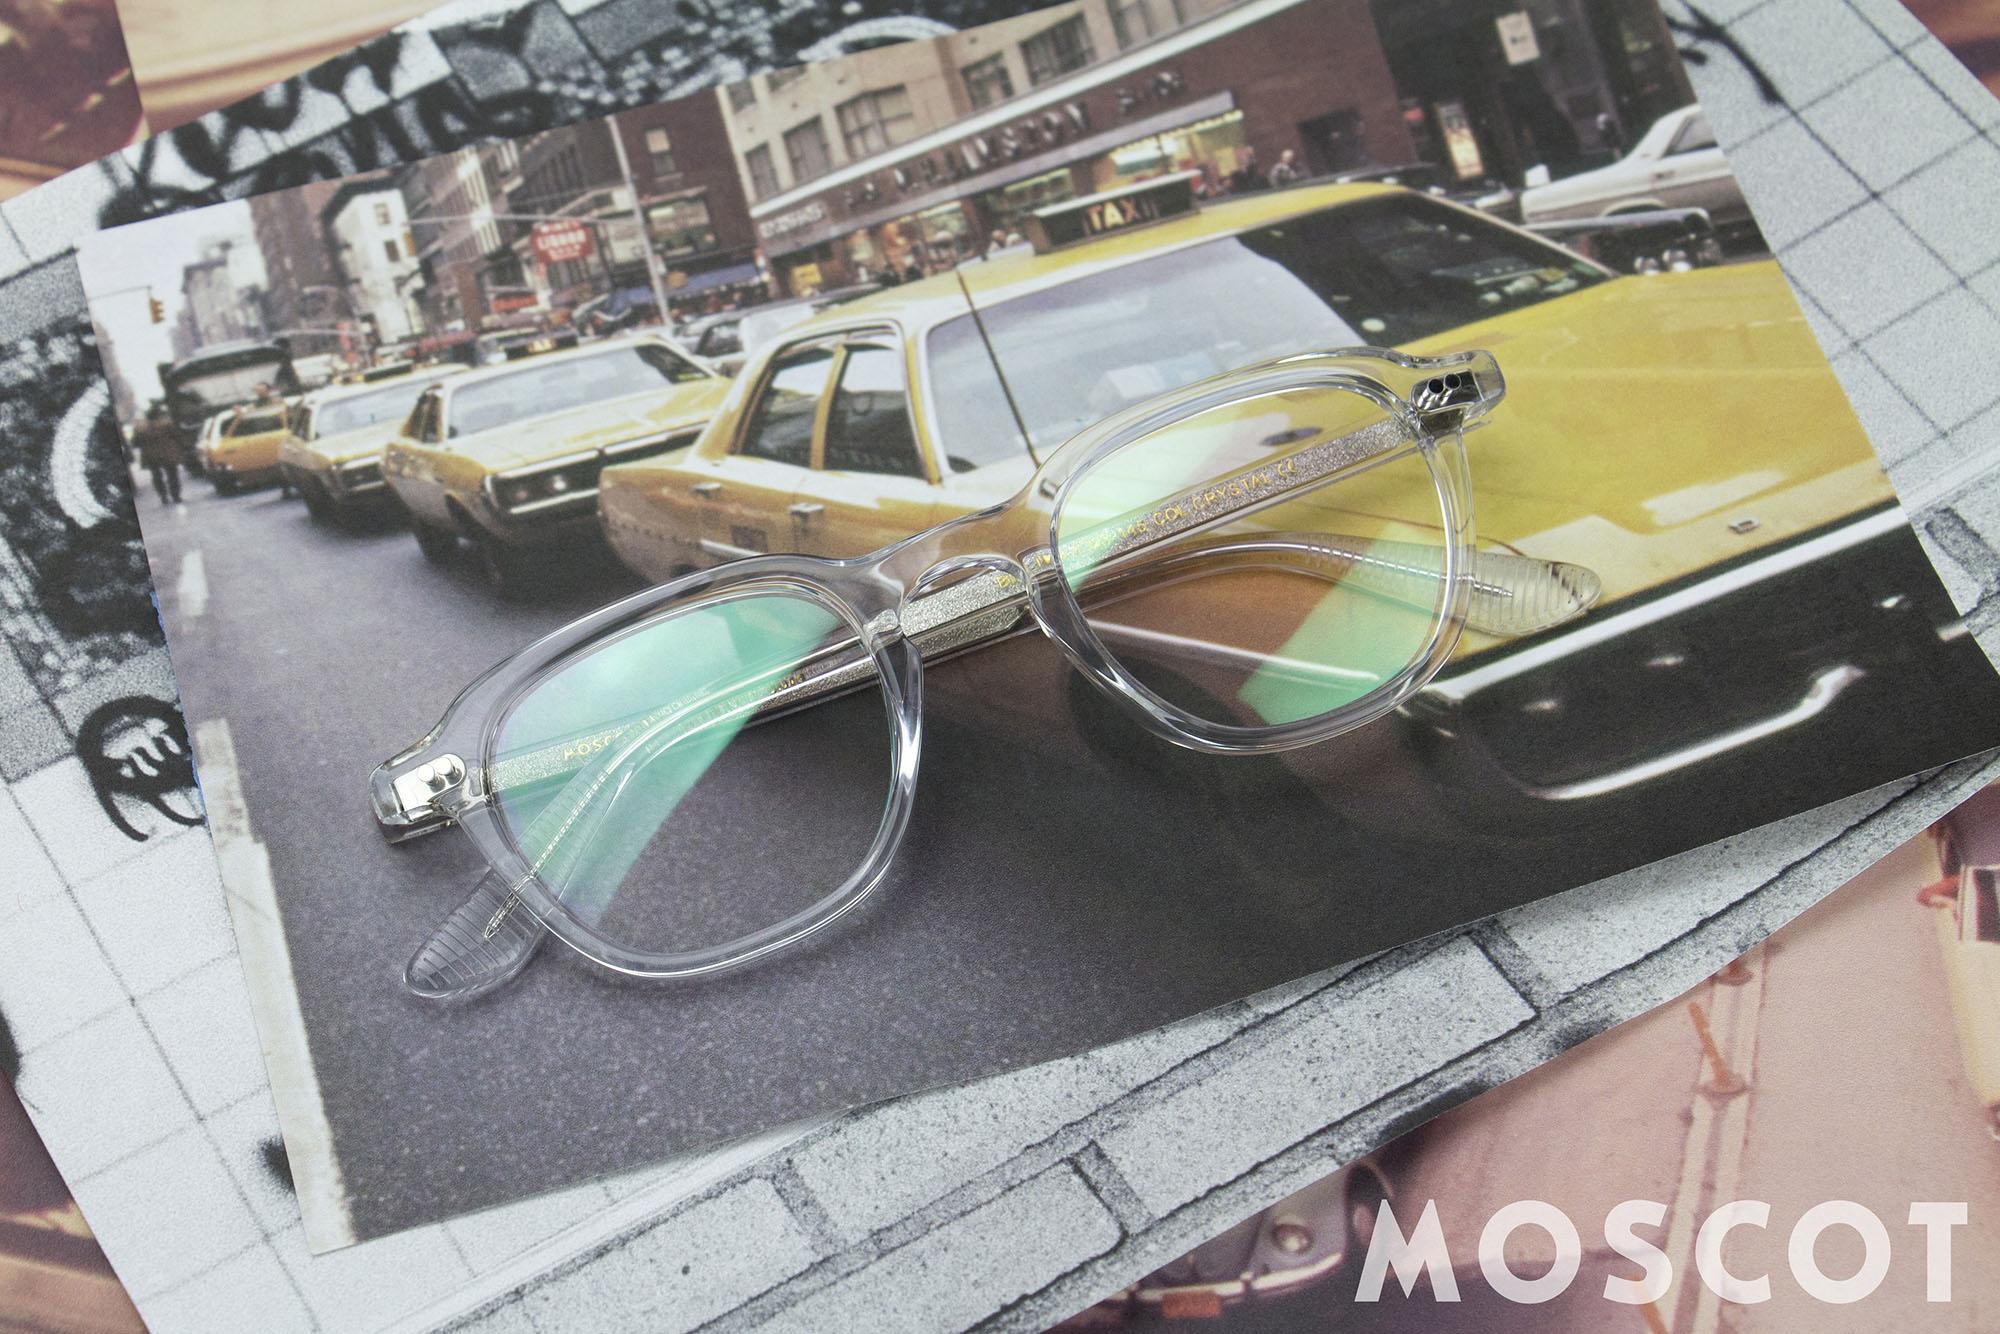 Moscot Korrekturbrille mit durchsichtigem Rahmen, die auf mehreren Fotoausdrücken liegt.